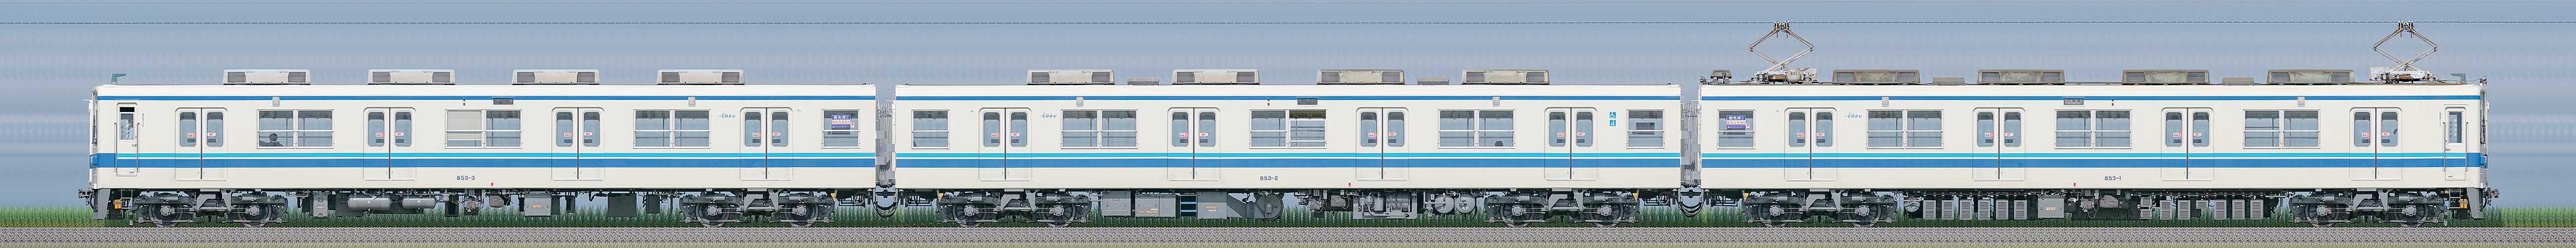 東武850型853編成(山側)の編成サイドビュー